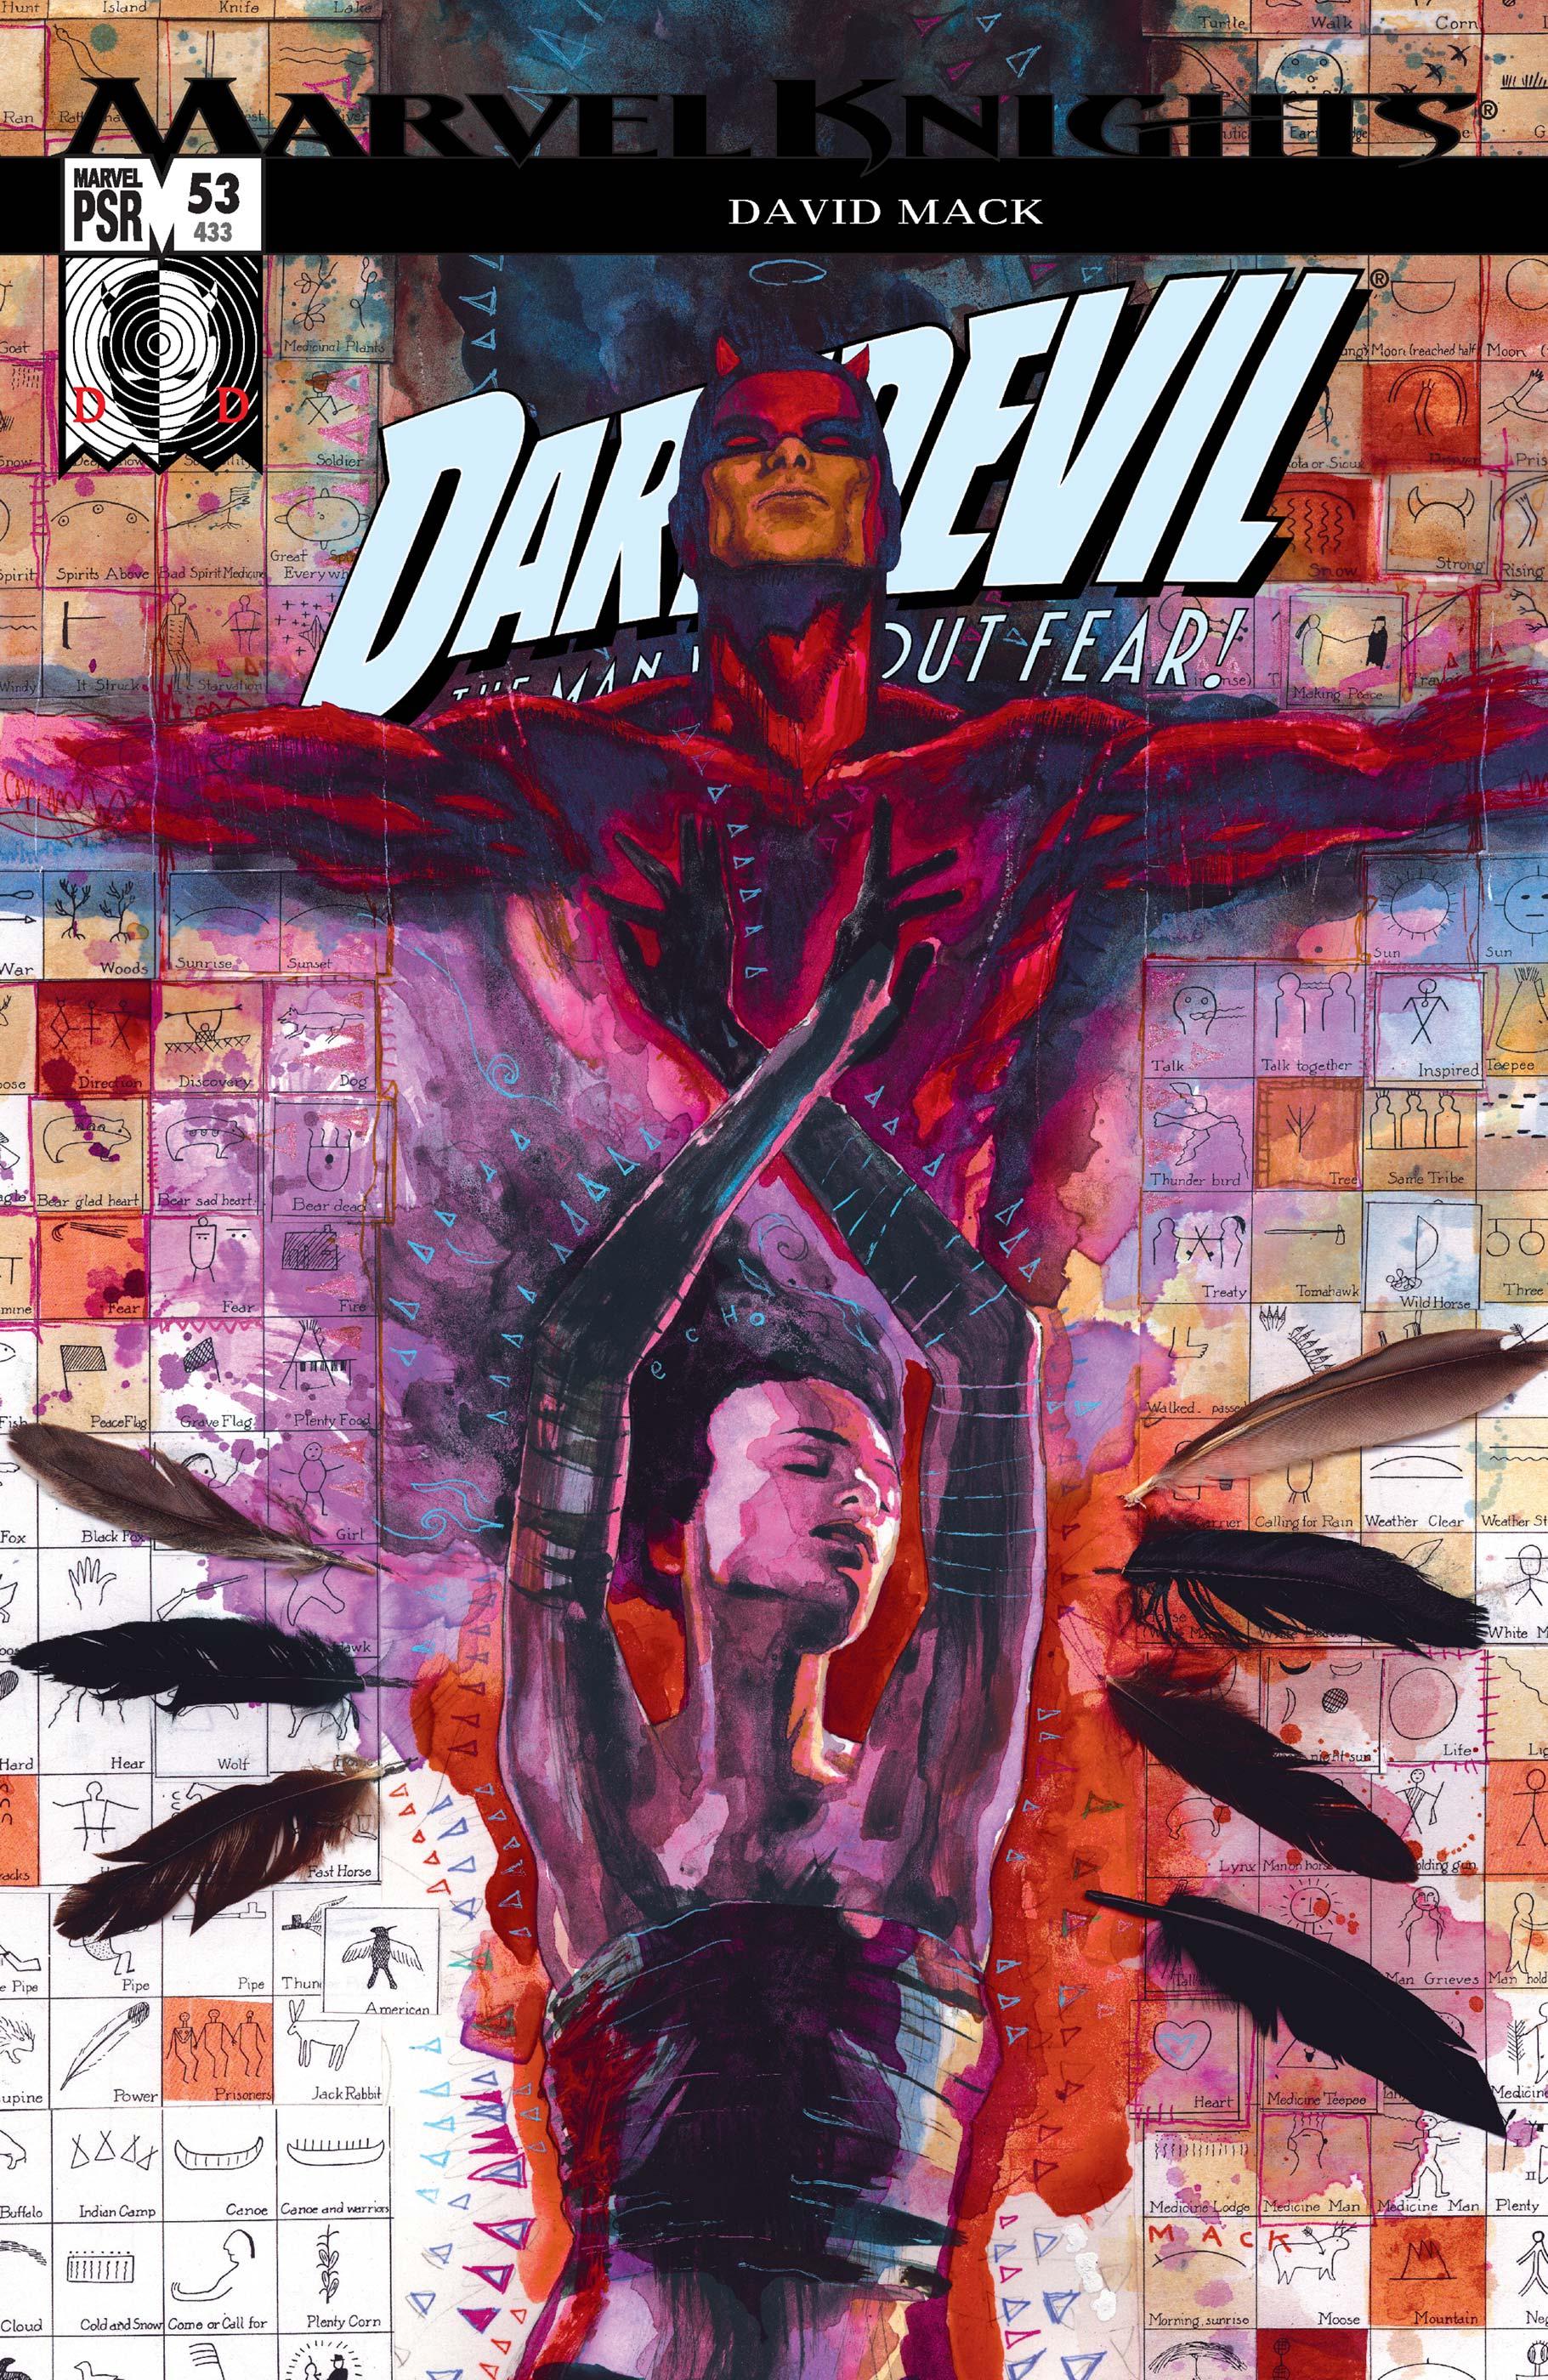 Daredevil (1998) #53